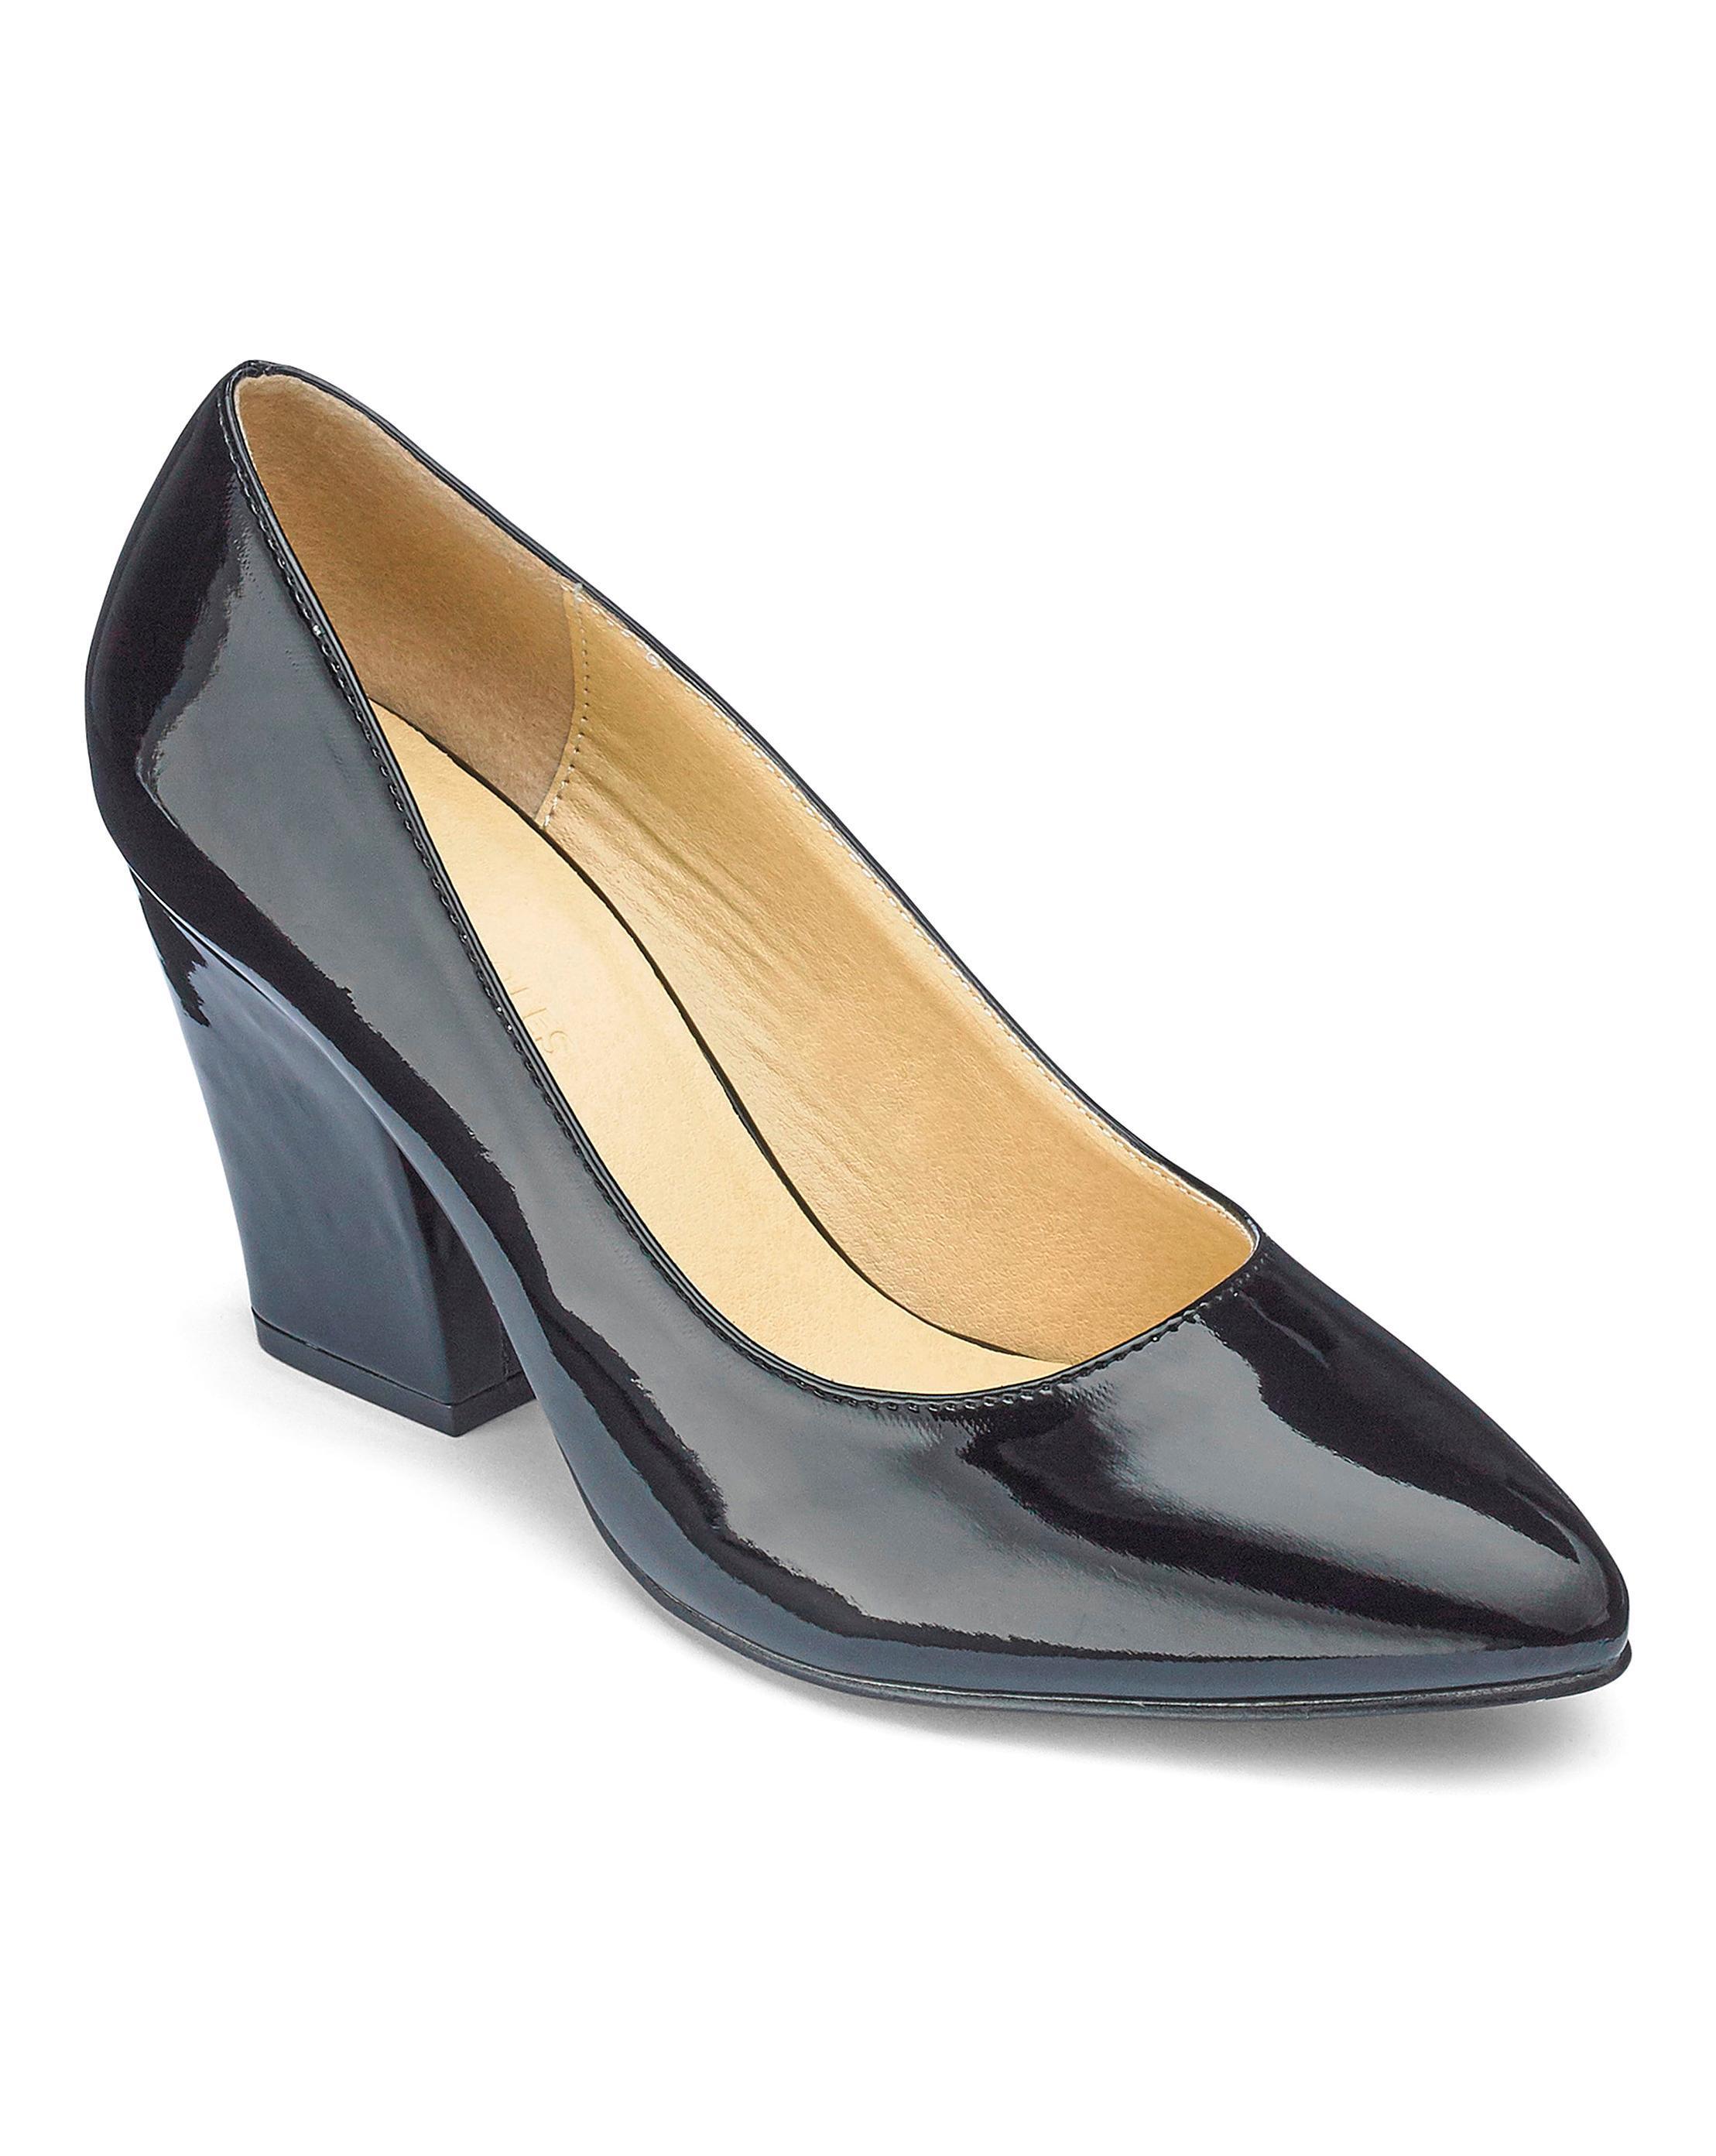 ef8c3a13ee Simply Be Block Heel Pumps in Black - Lyst